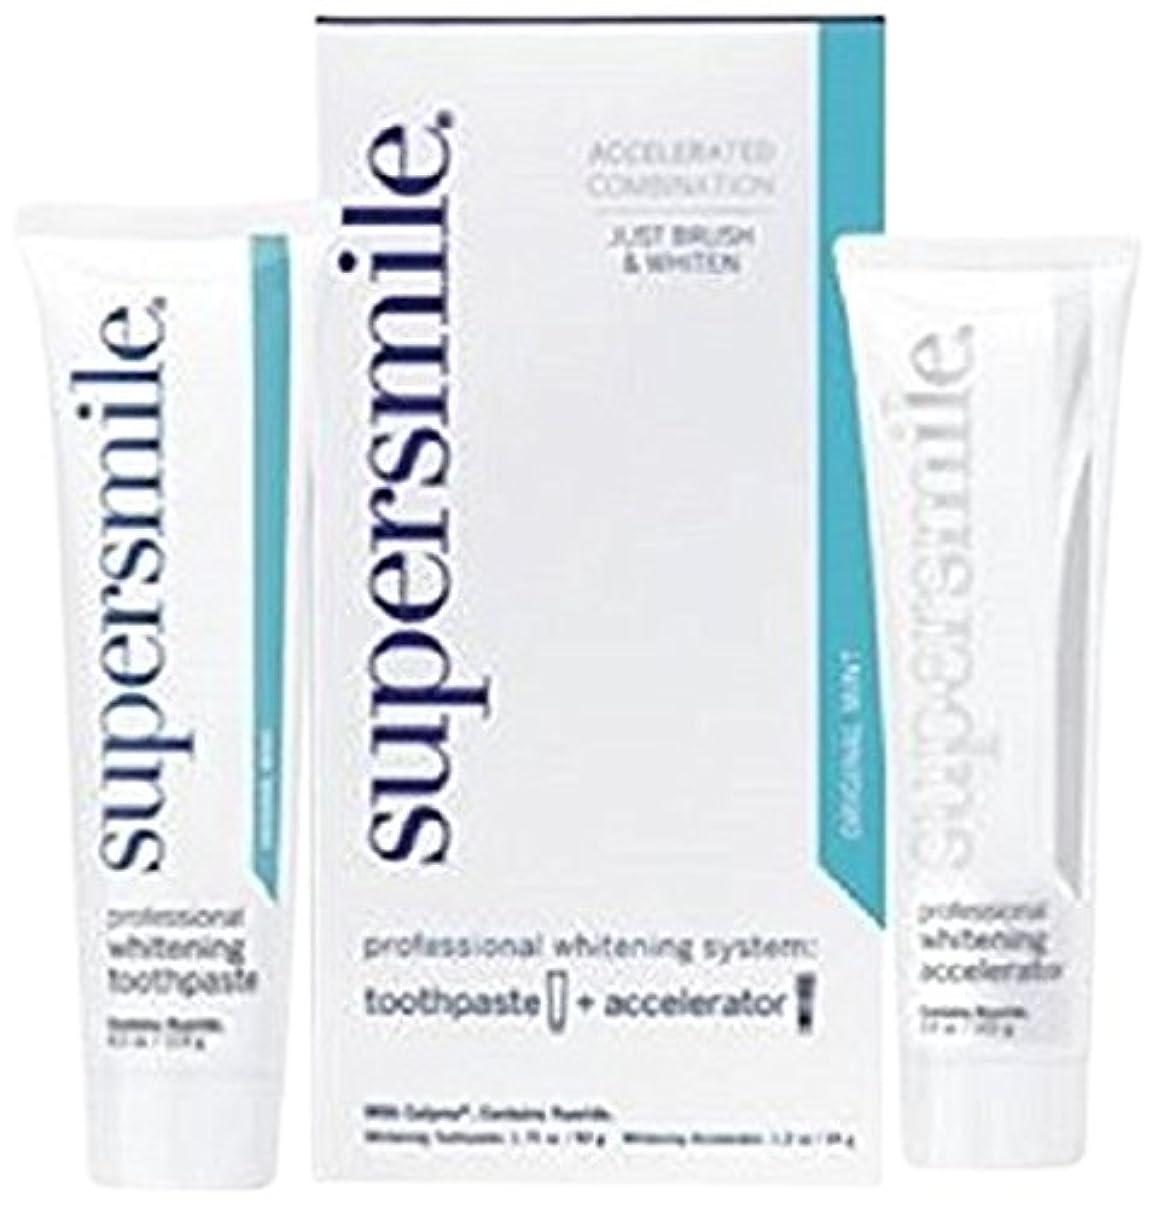 何もない優しさ卒業記念アルバムSupersmile Professional Whitening System: Toothpaste 50g/1.75oz + Accelerator 34g/1.2oz - 2pcs by SuperSmile